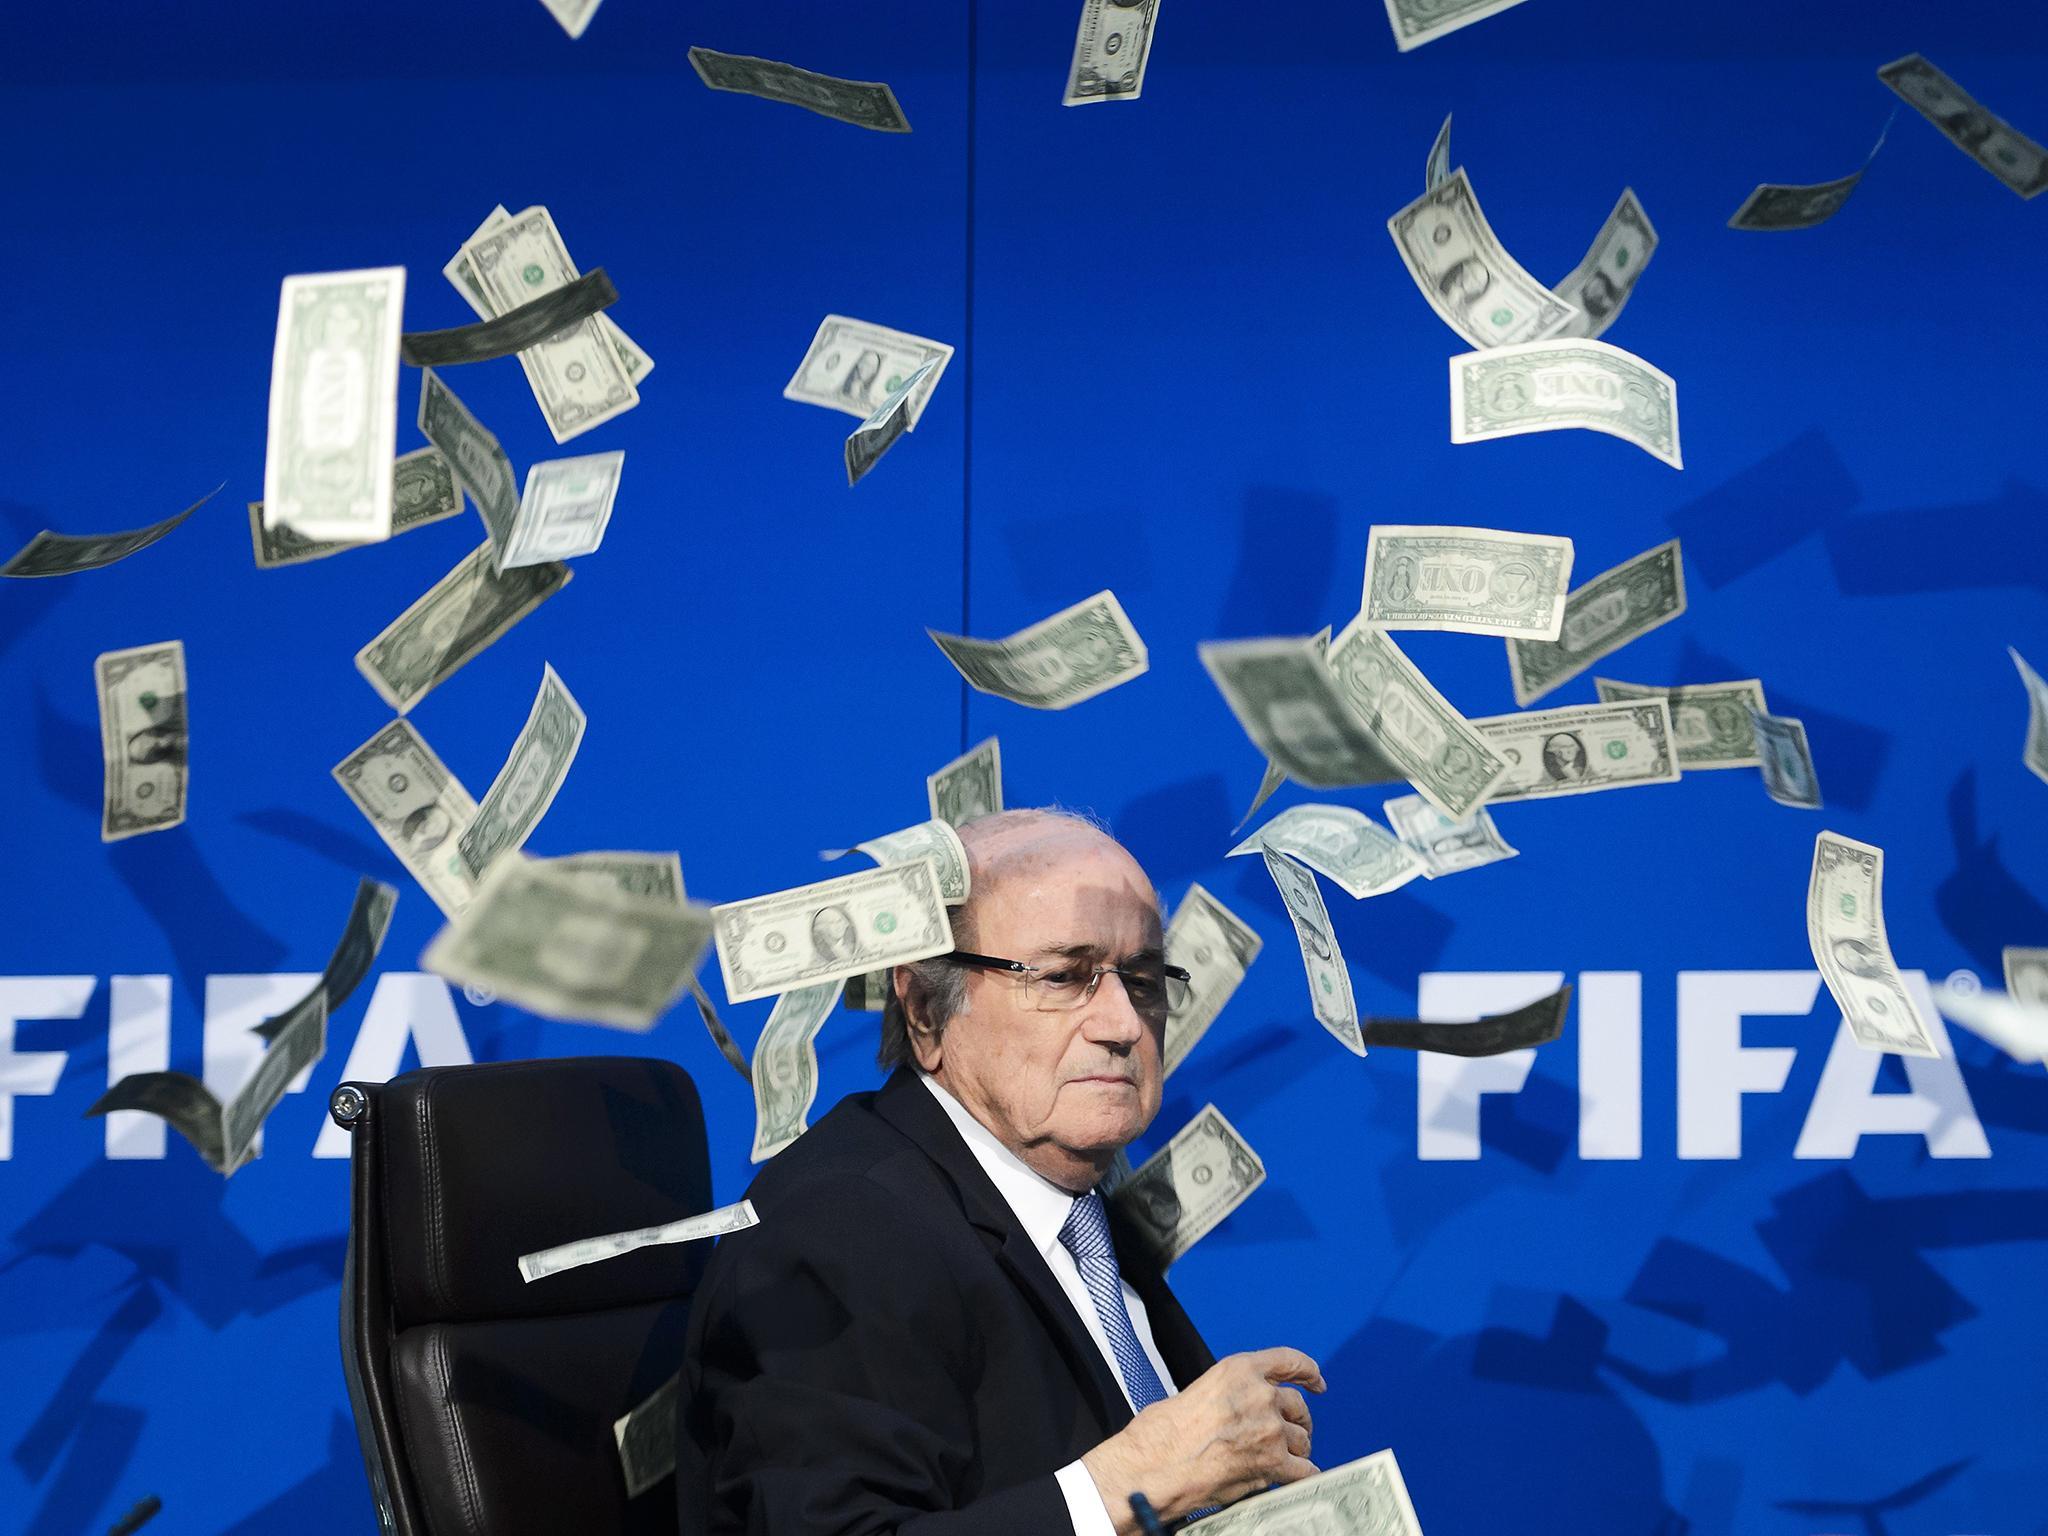 FIFA – in Sepp Blatter lakah thubuai thehlut